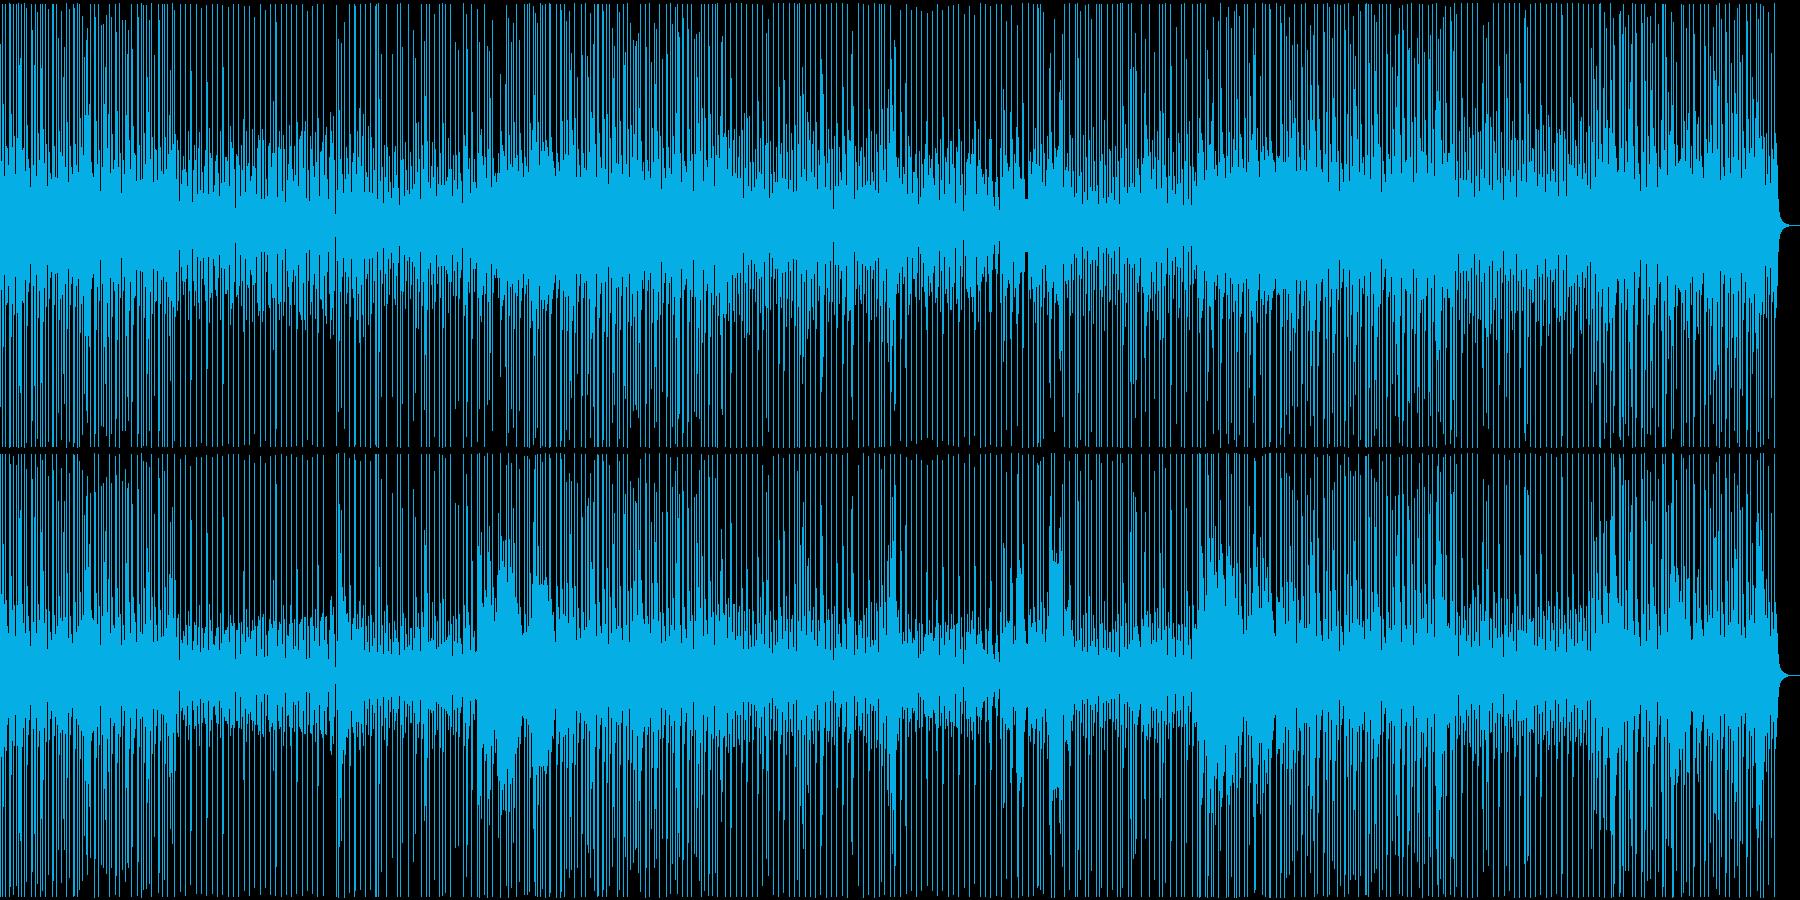 生録音ドラムフレーズその③の再生済みの波形